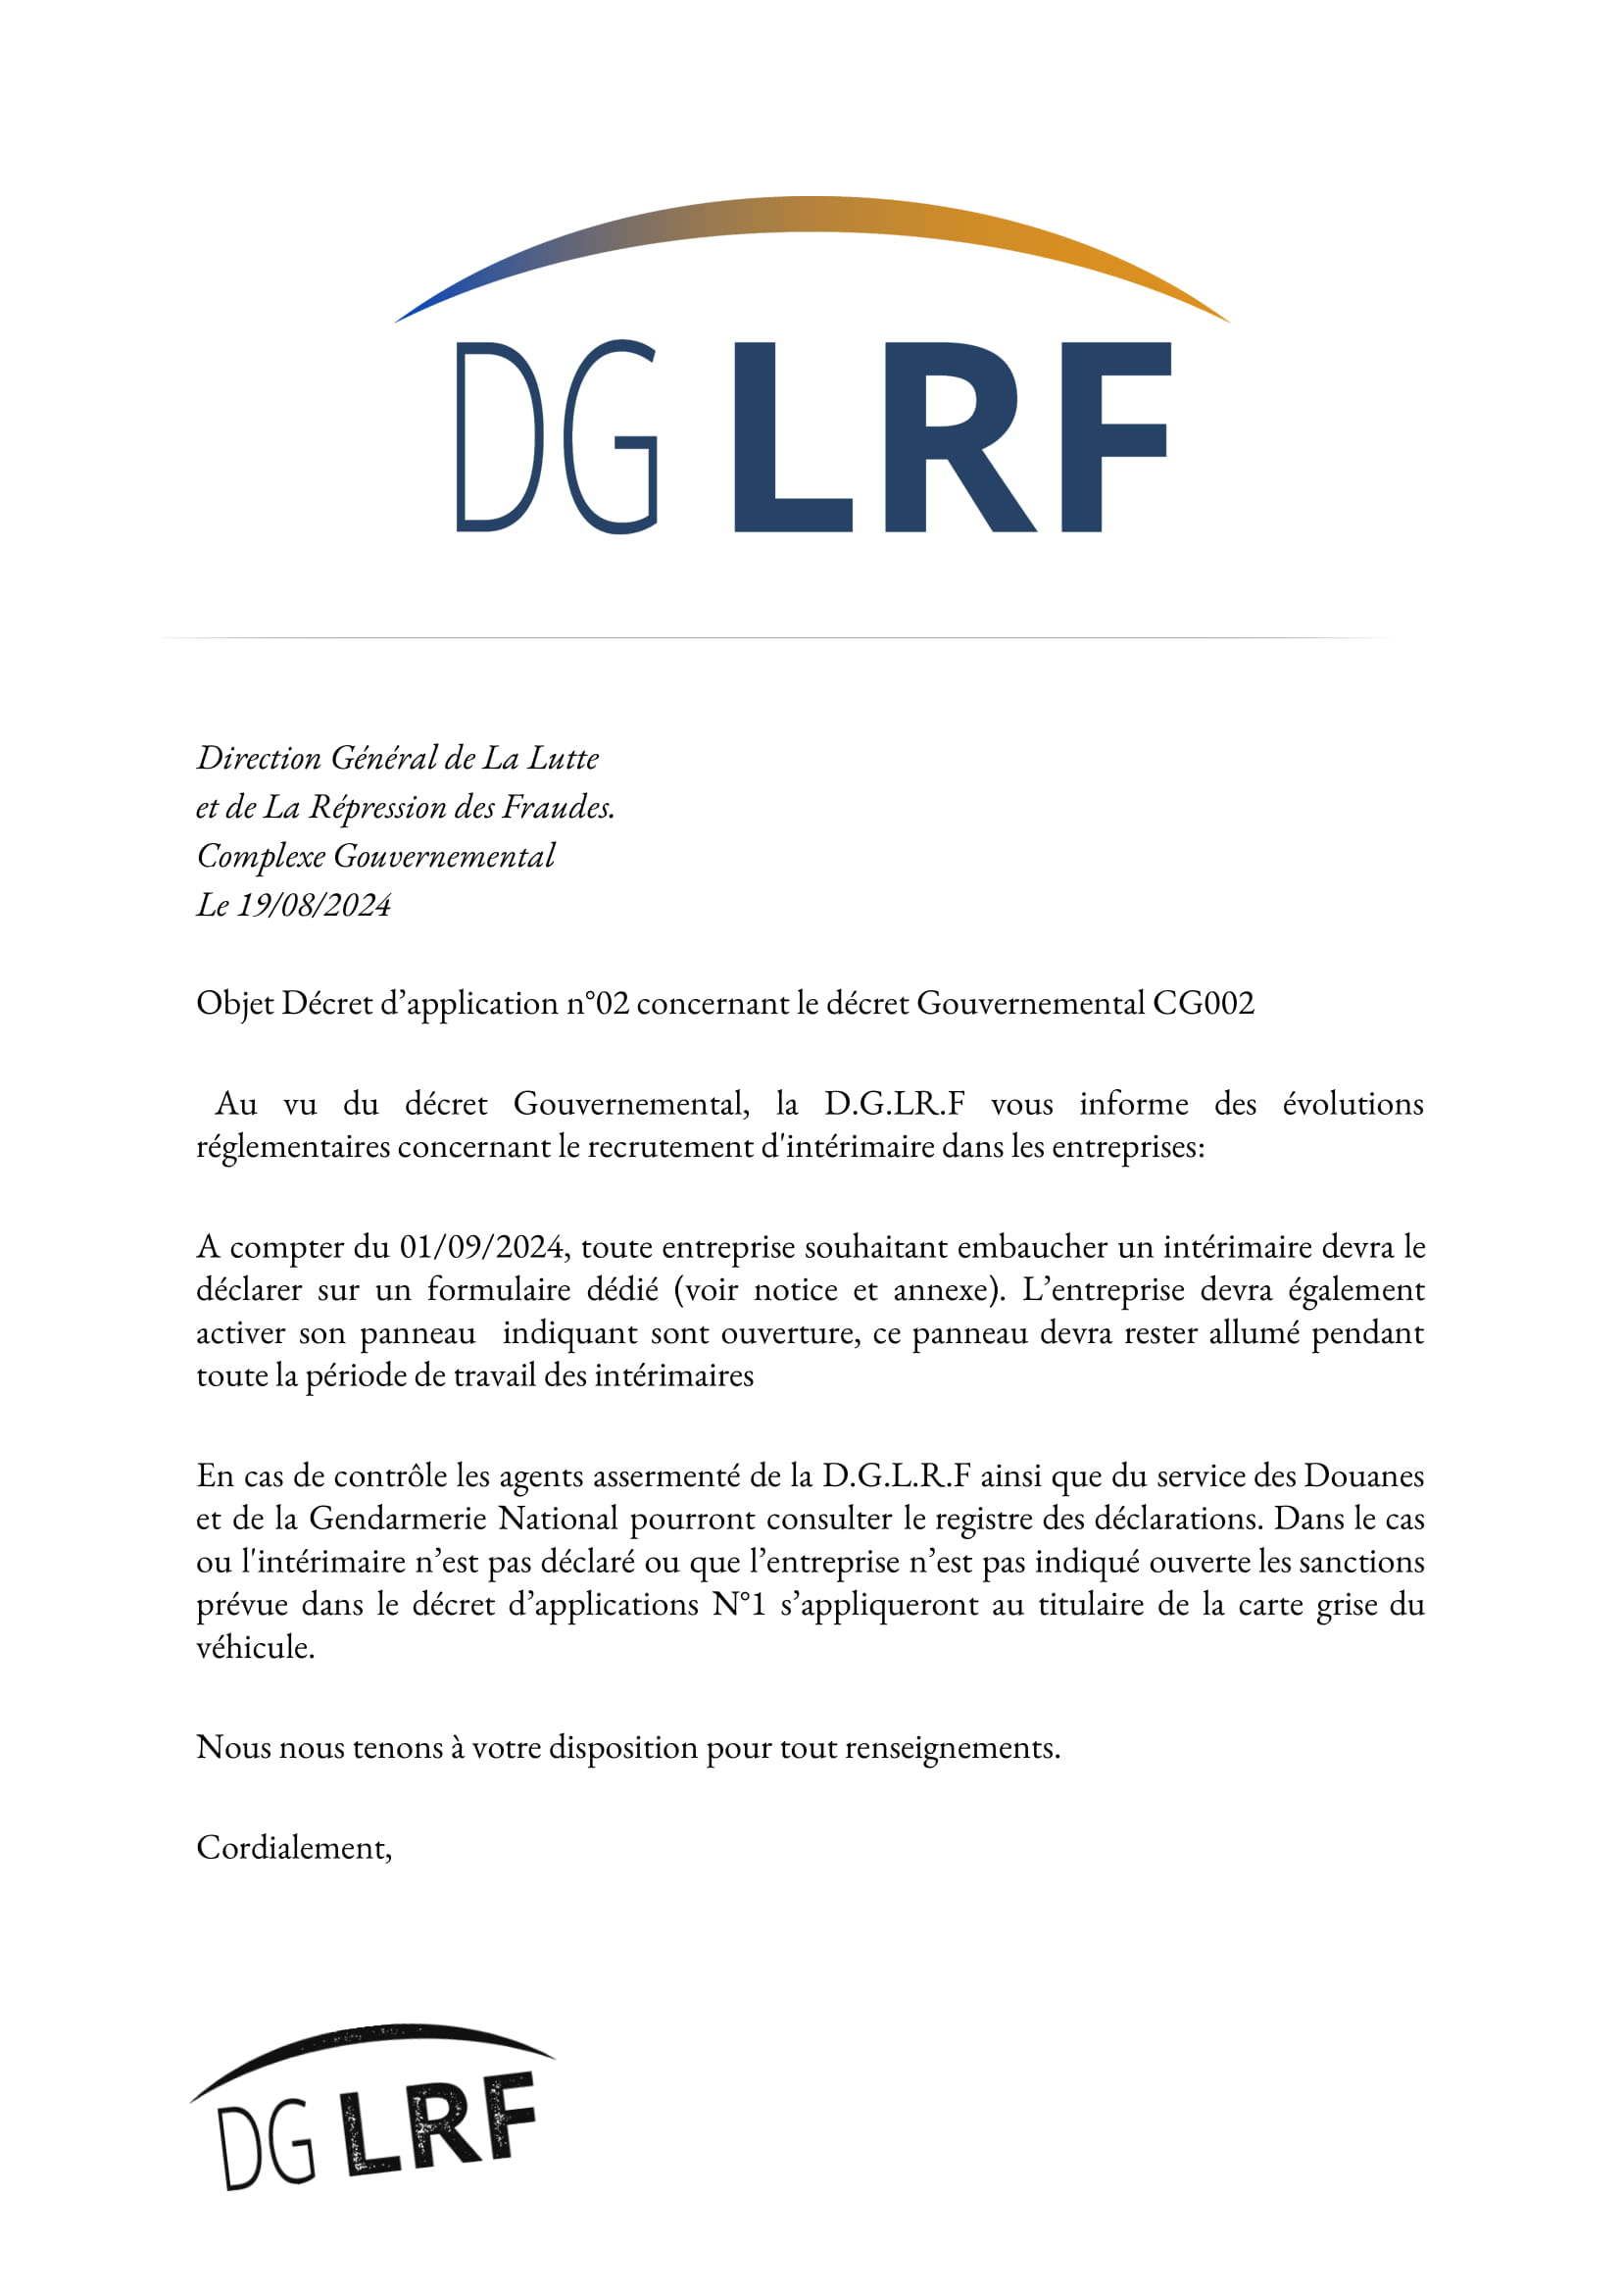 Copie de Direction Général de La Lutte (13)-1.jpg